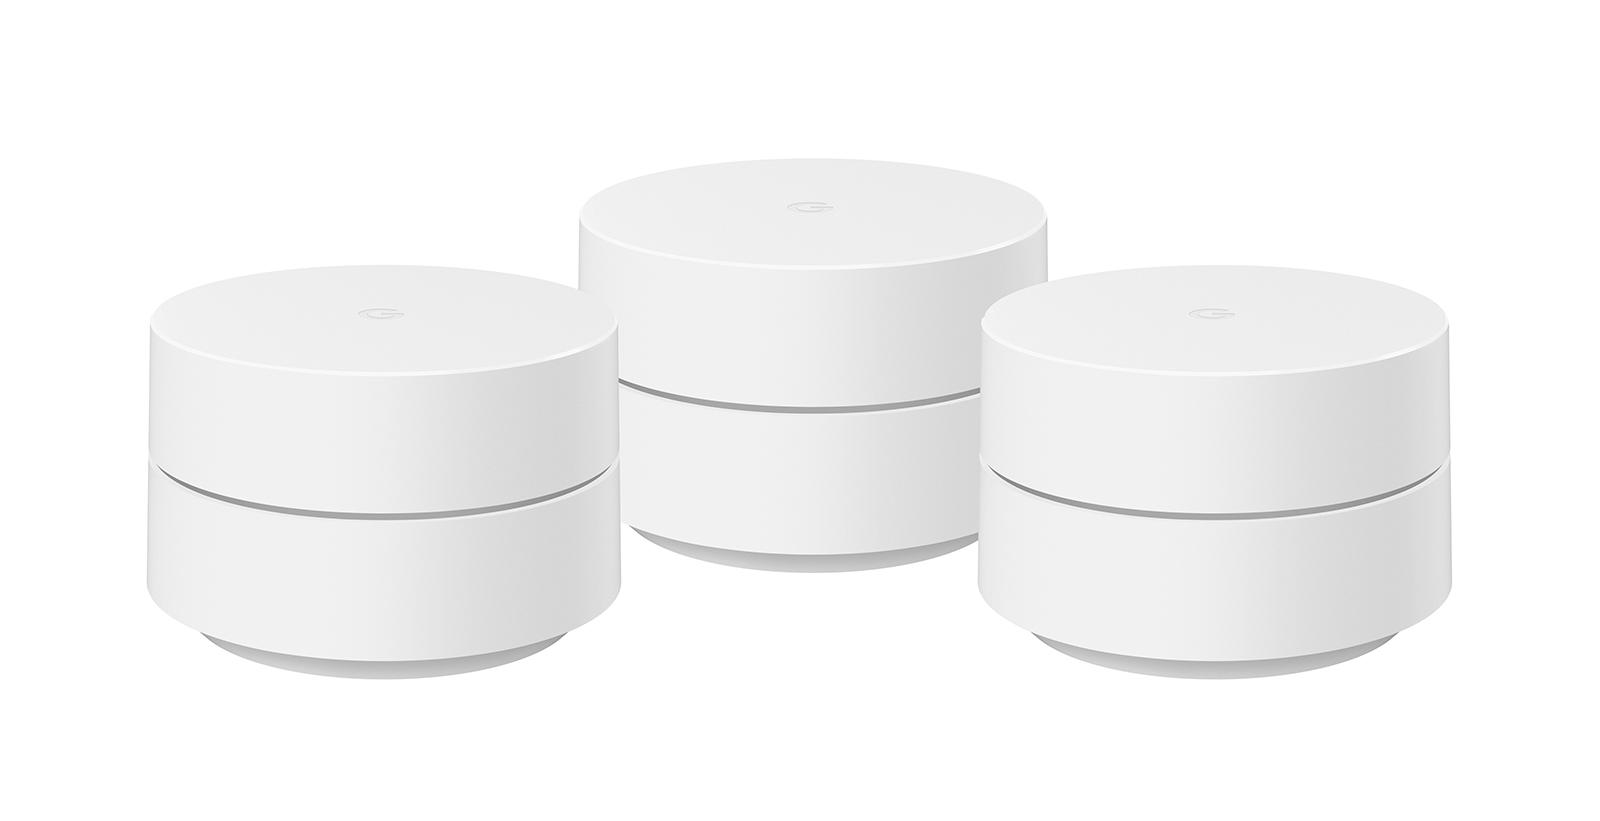 Google lança Google WiFi no Brasil, confira nossas primeiras impressões miniatura